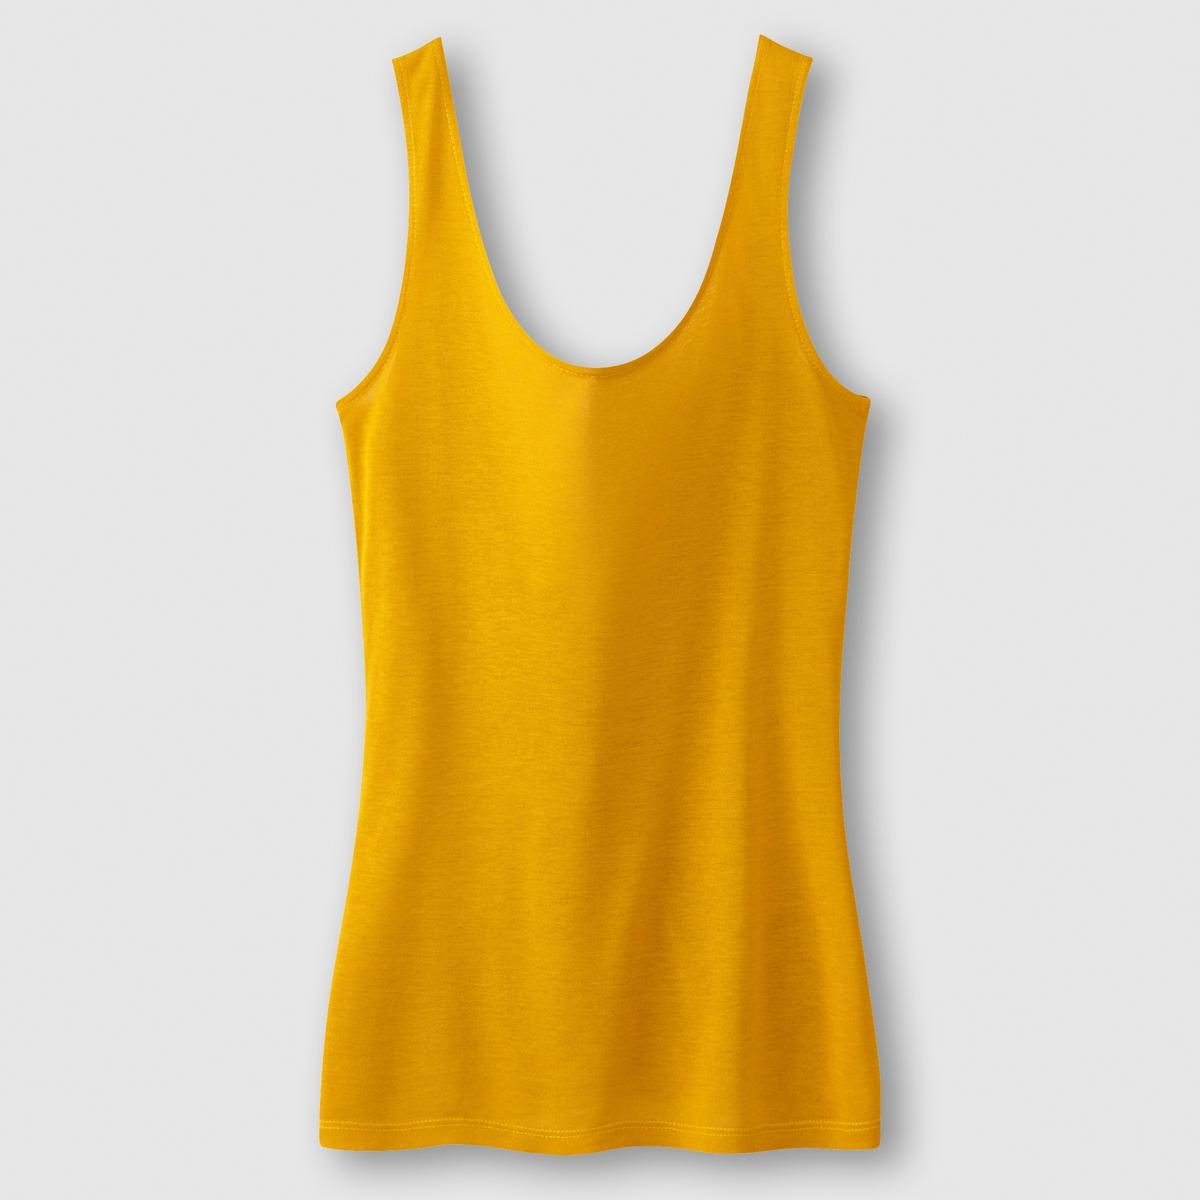 Футболка с воланом сзадиСостав и детали : Материал         100% вискозыДлина      60 смМарка         LES PETITS PRIXУход :Машинная стирка при 30 °C с вещами схожих цветов<br><br>Цвет: желтый<br>Размер: 42/44 (FR) - 48/50 (RUS)